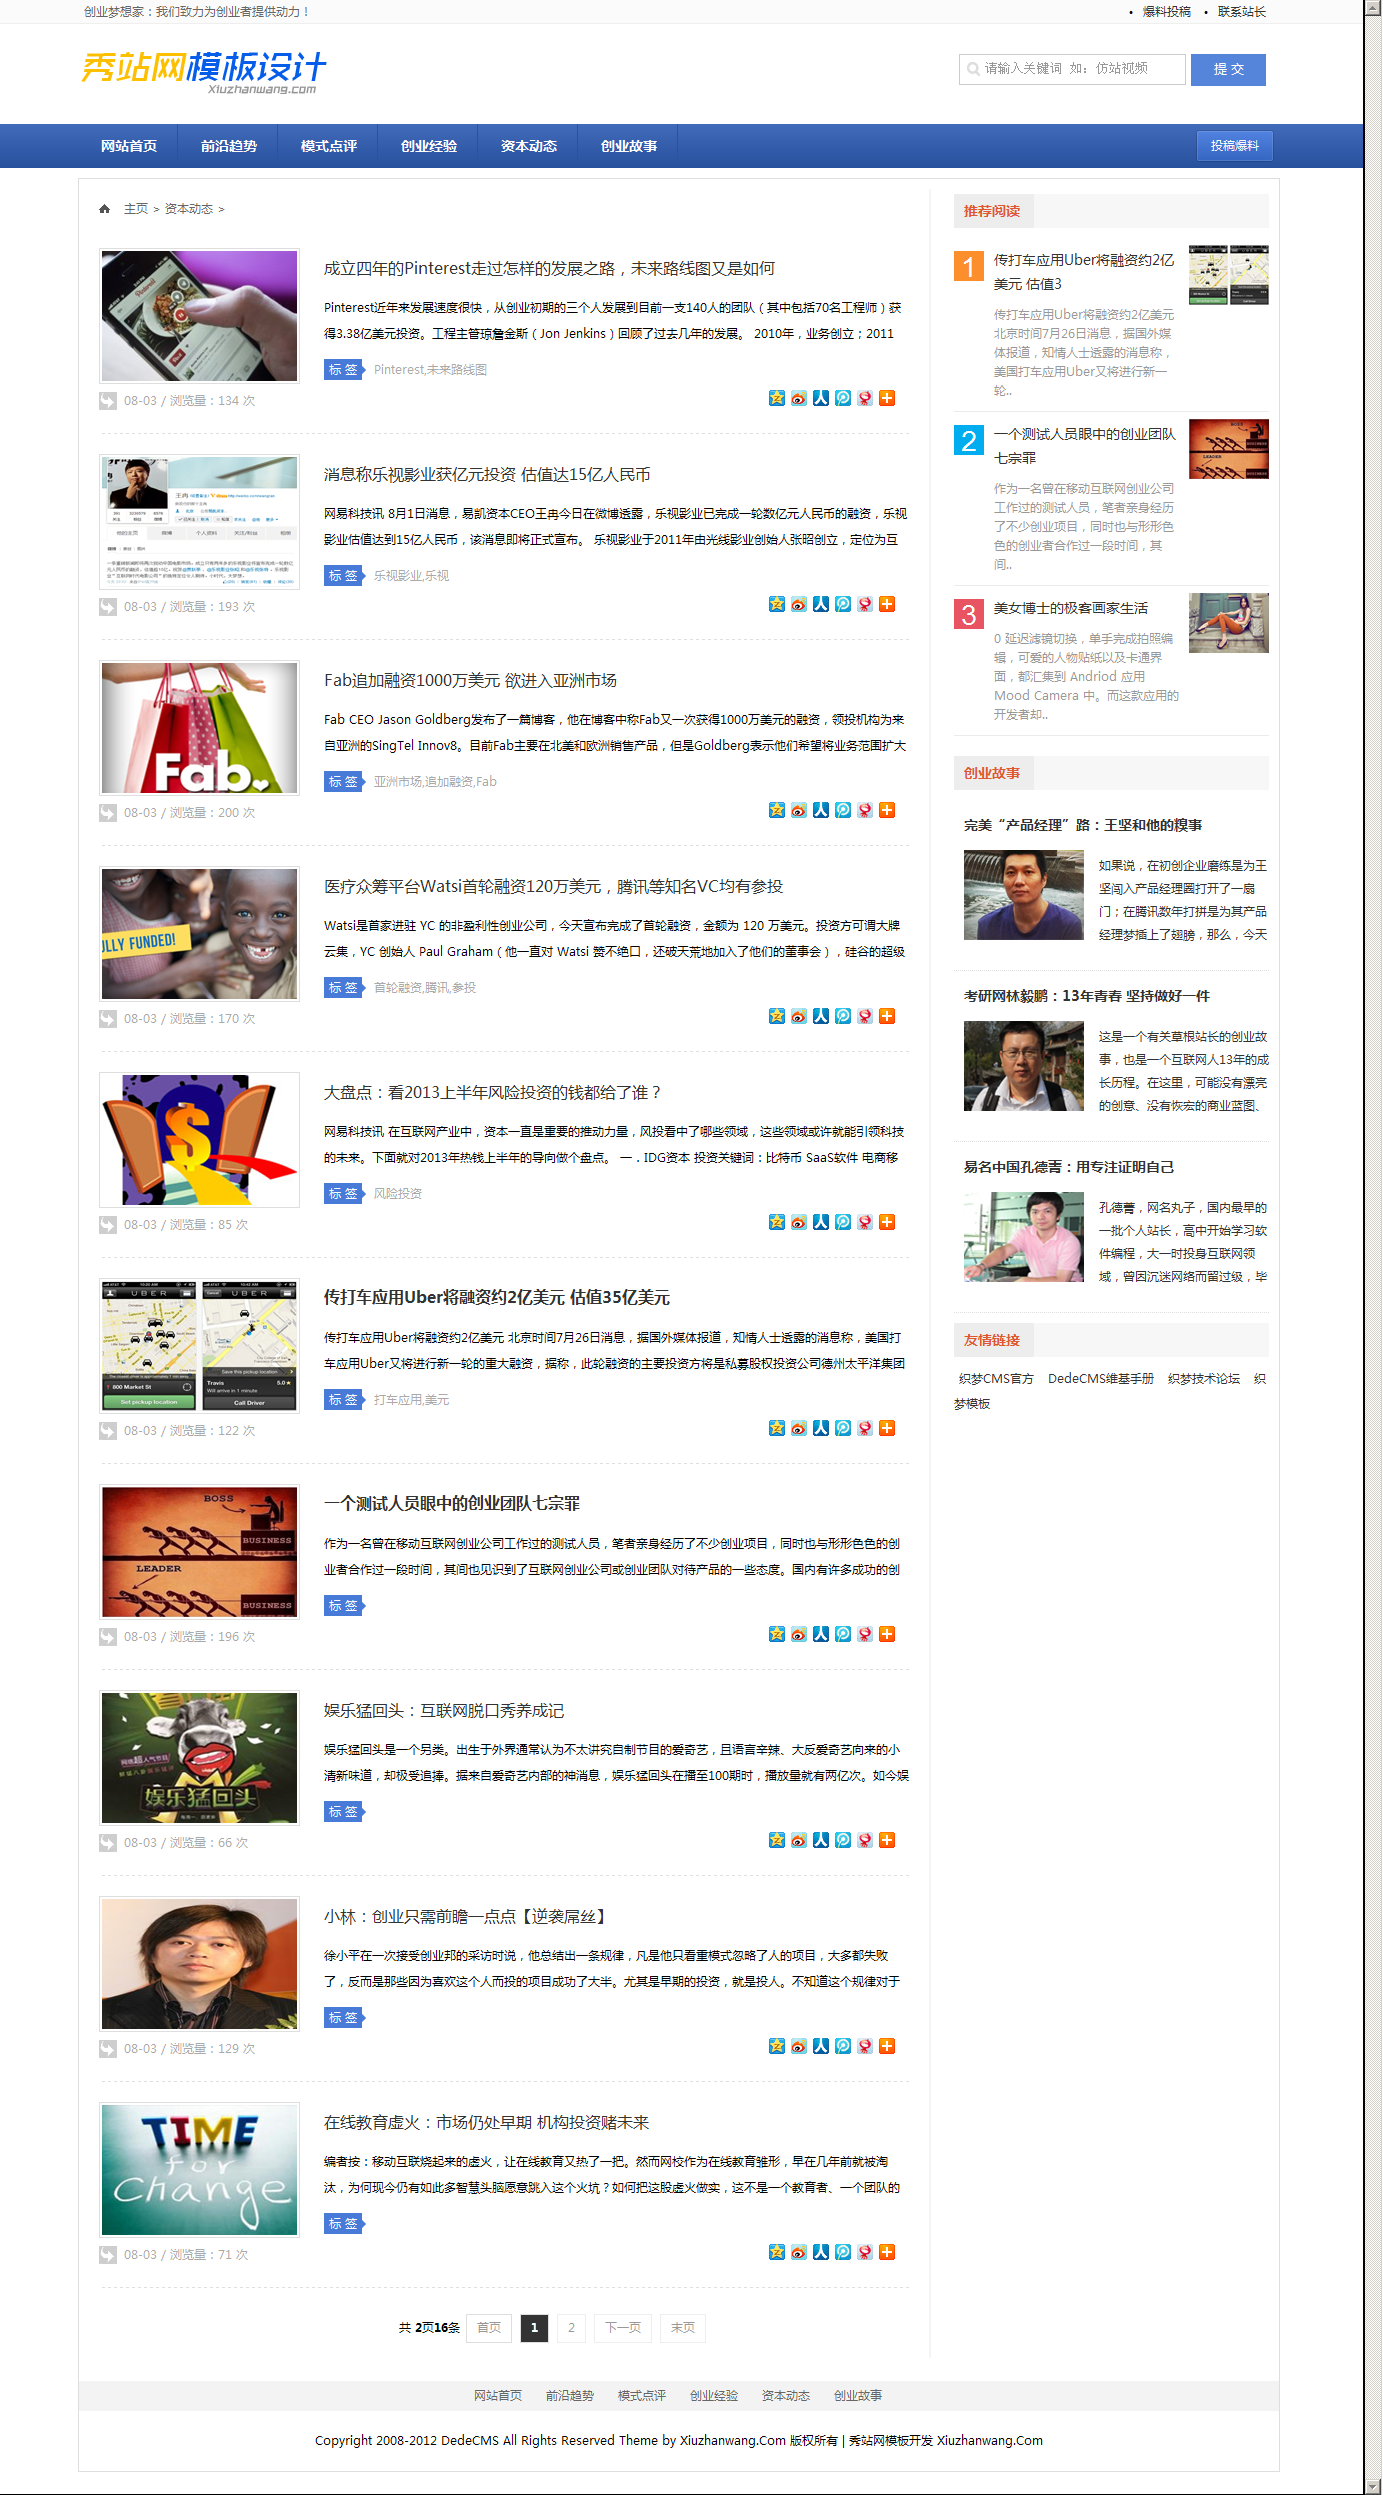 织梦文章型/个人博客模板带wap站